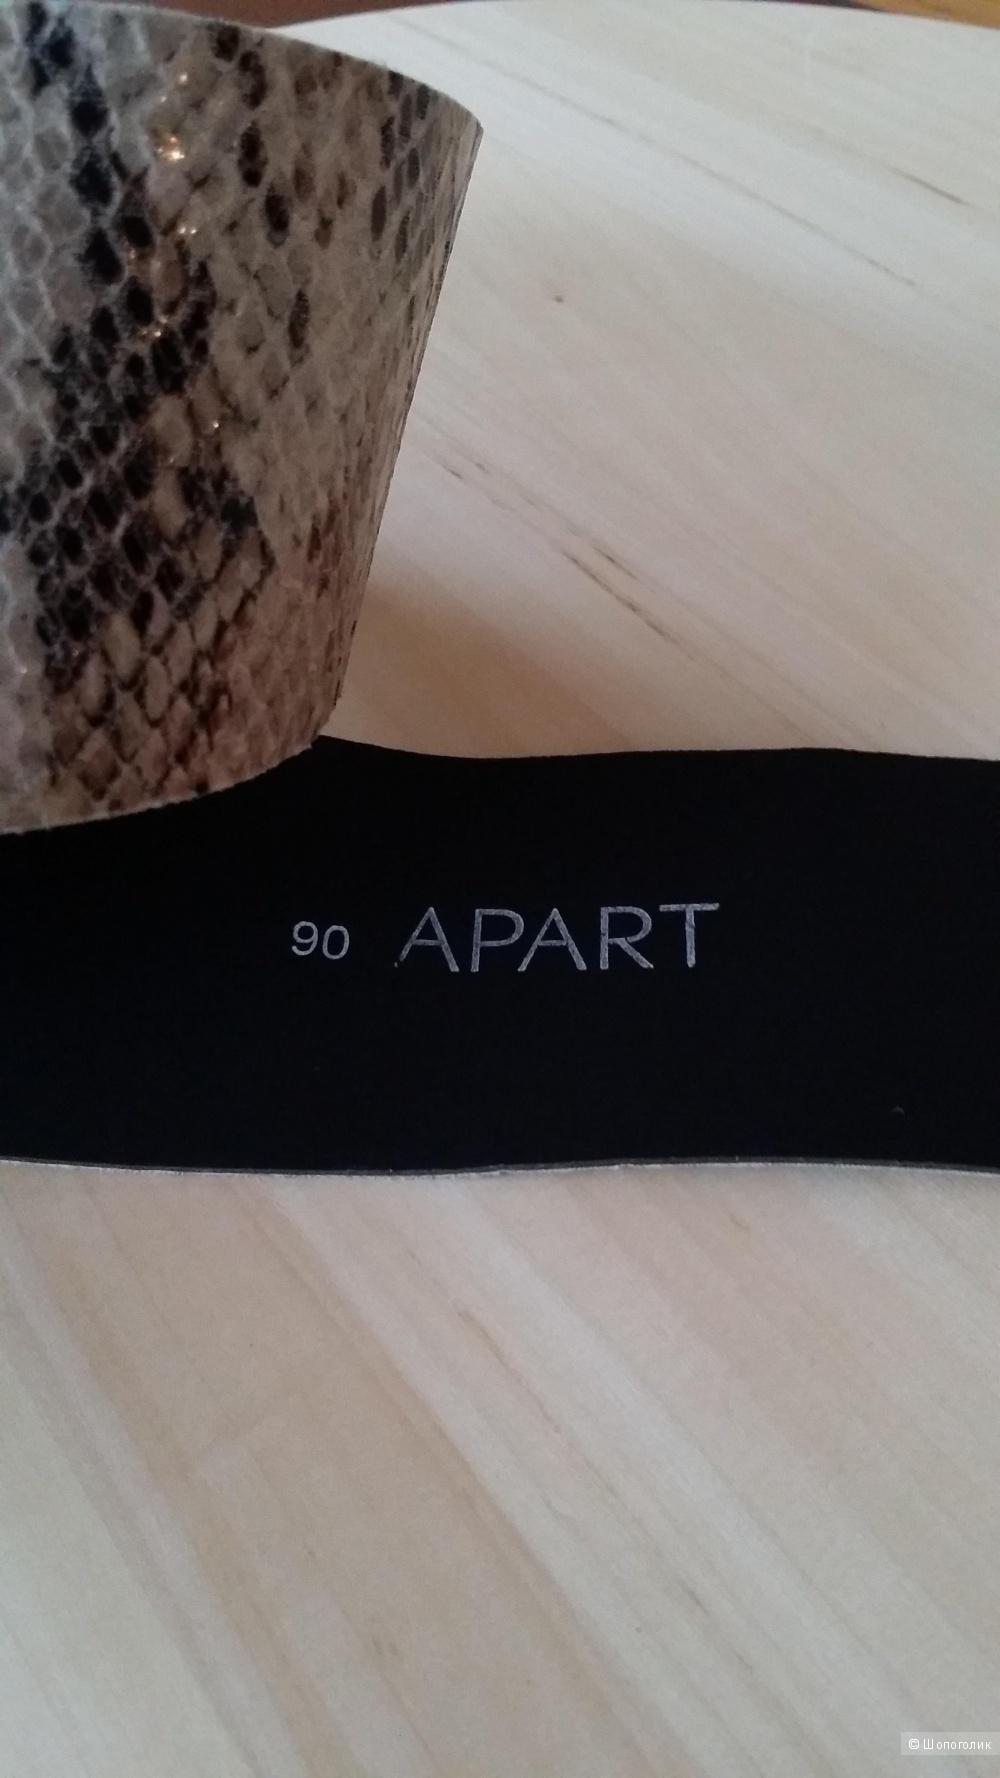 Ремень  APART имитация змеиной кожи  90 см